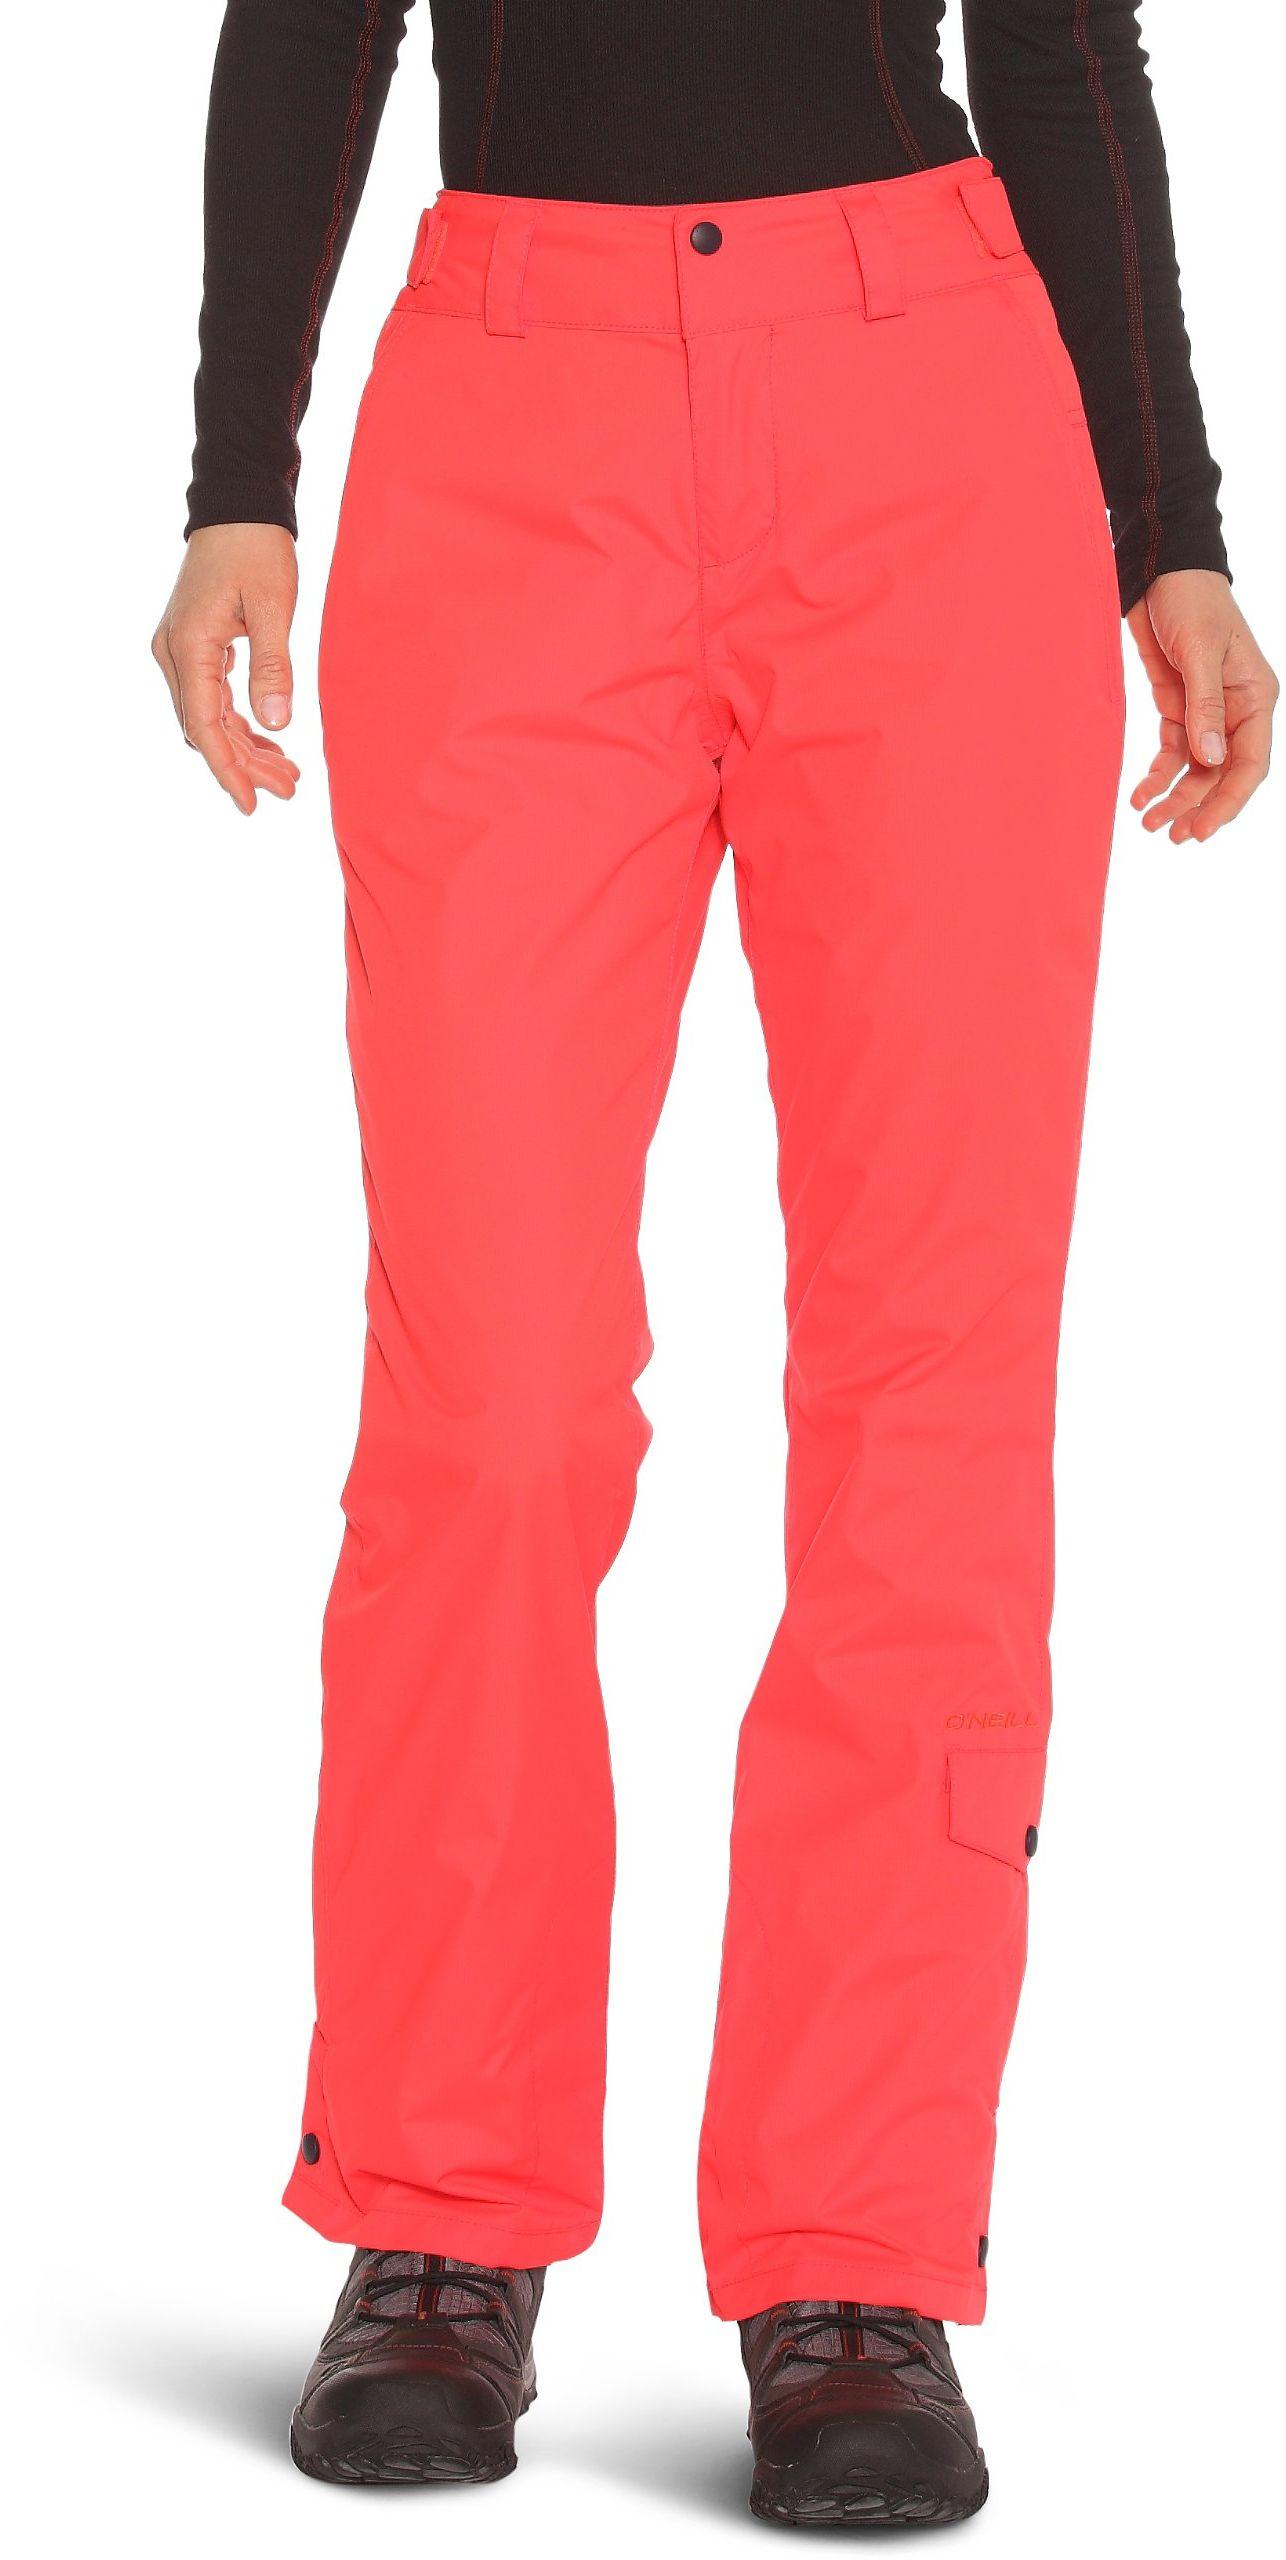 O ''Neill Chino damskie spodnie narciarskie S czerwone - Neon Flame